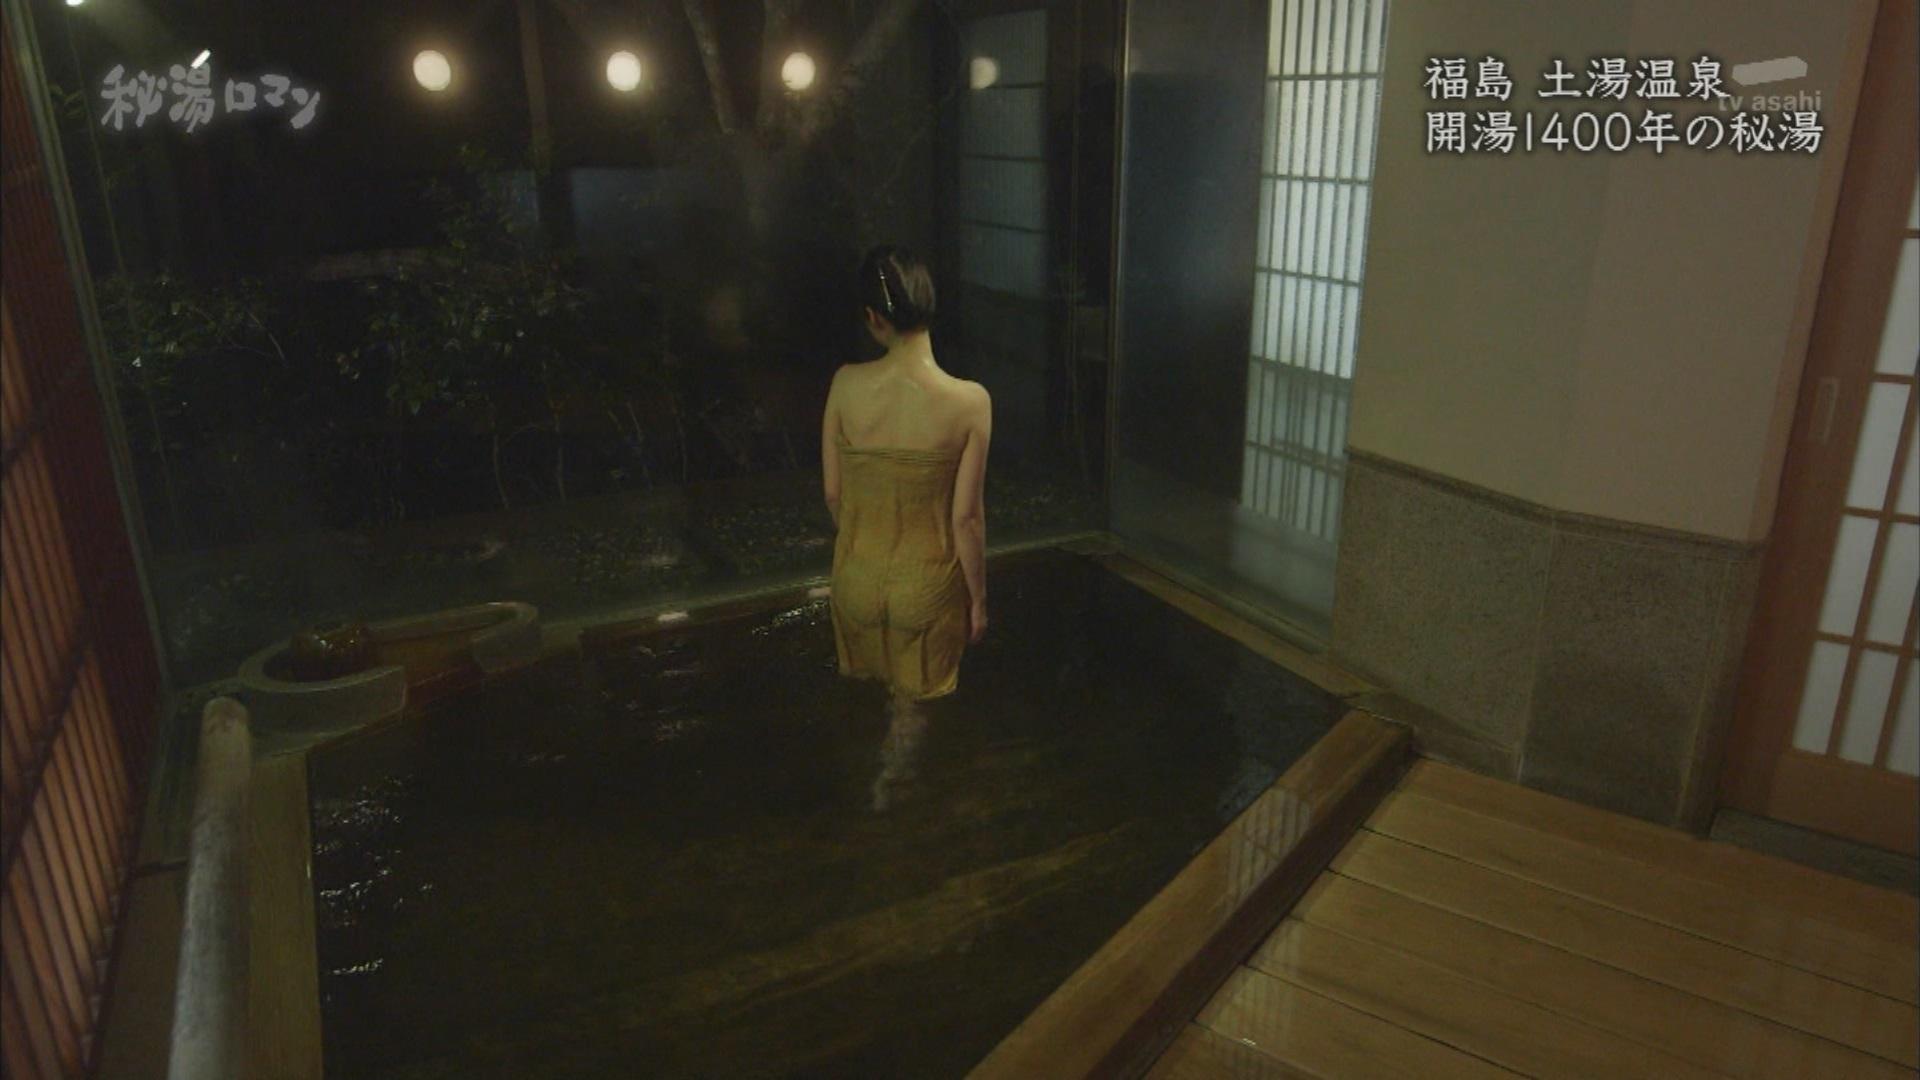 お尻とタオル付けてないように見える入浴シーンがめっちゃ色っぽいな秘湯ロマンエロガン見キャプ画像